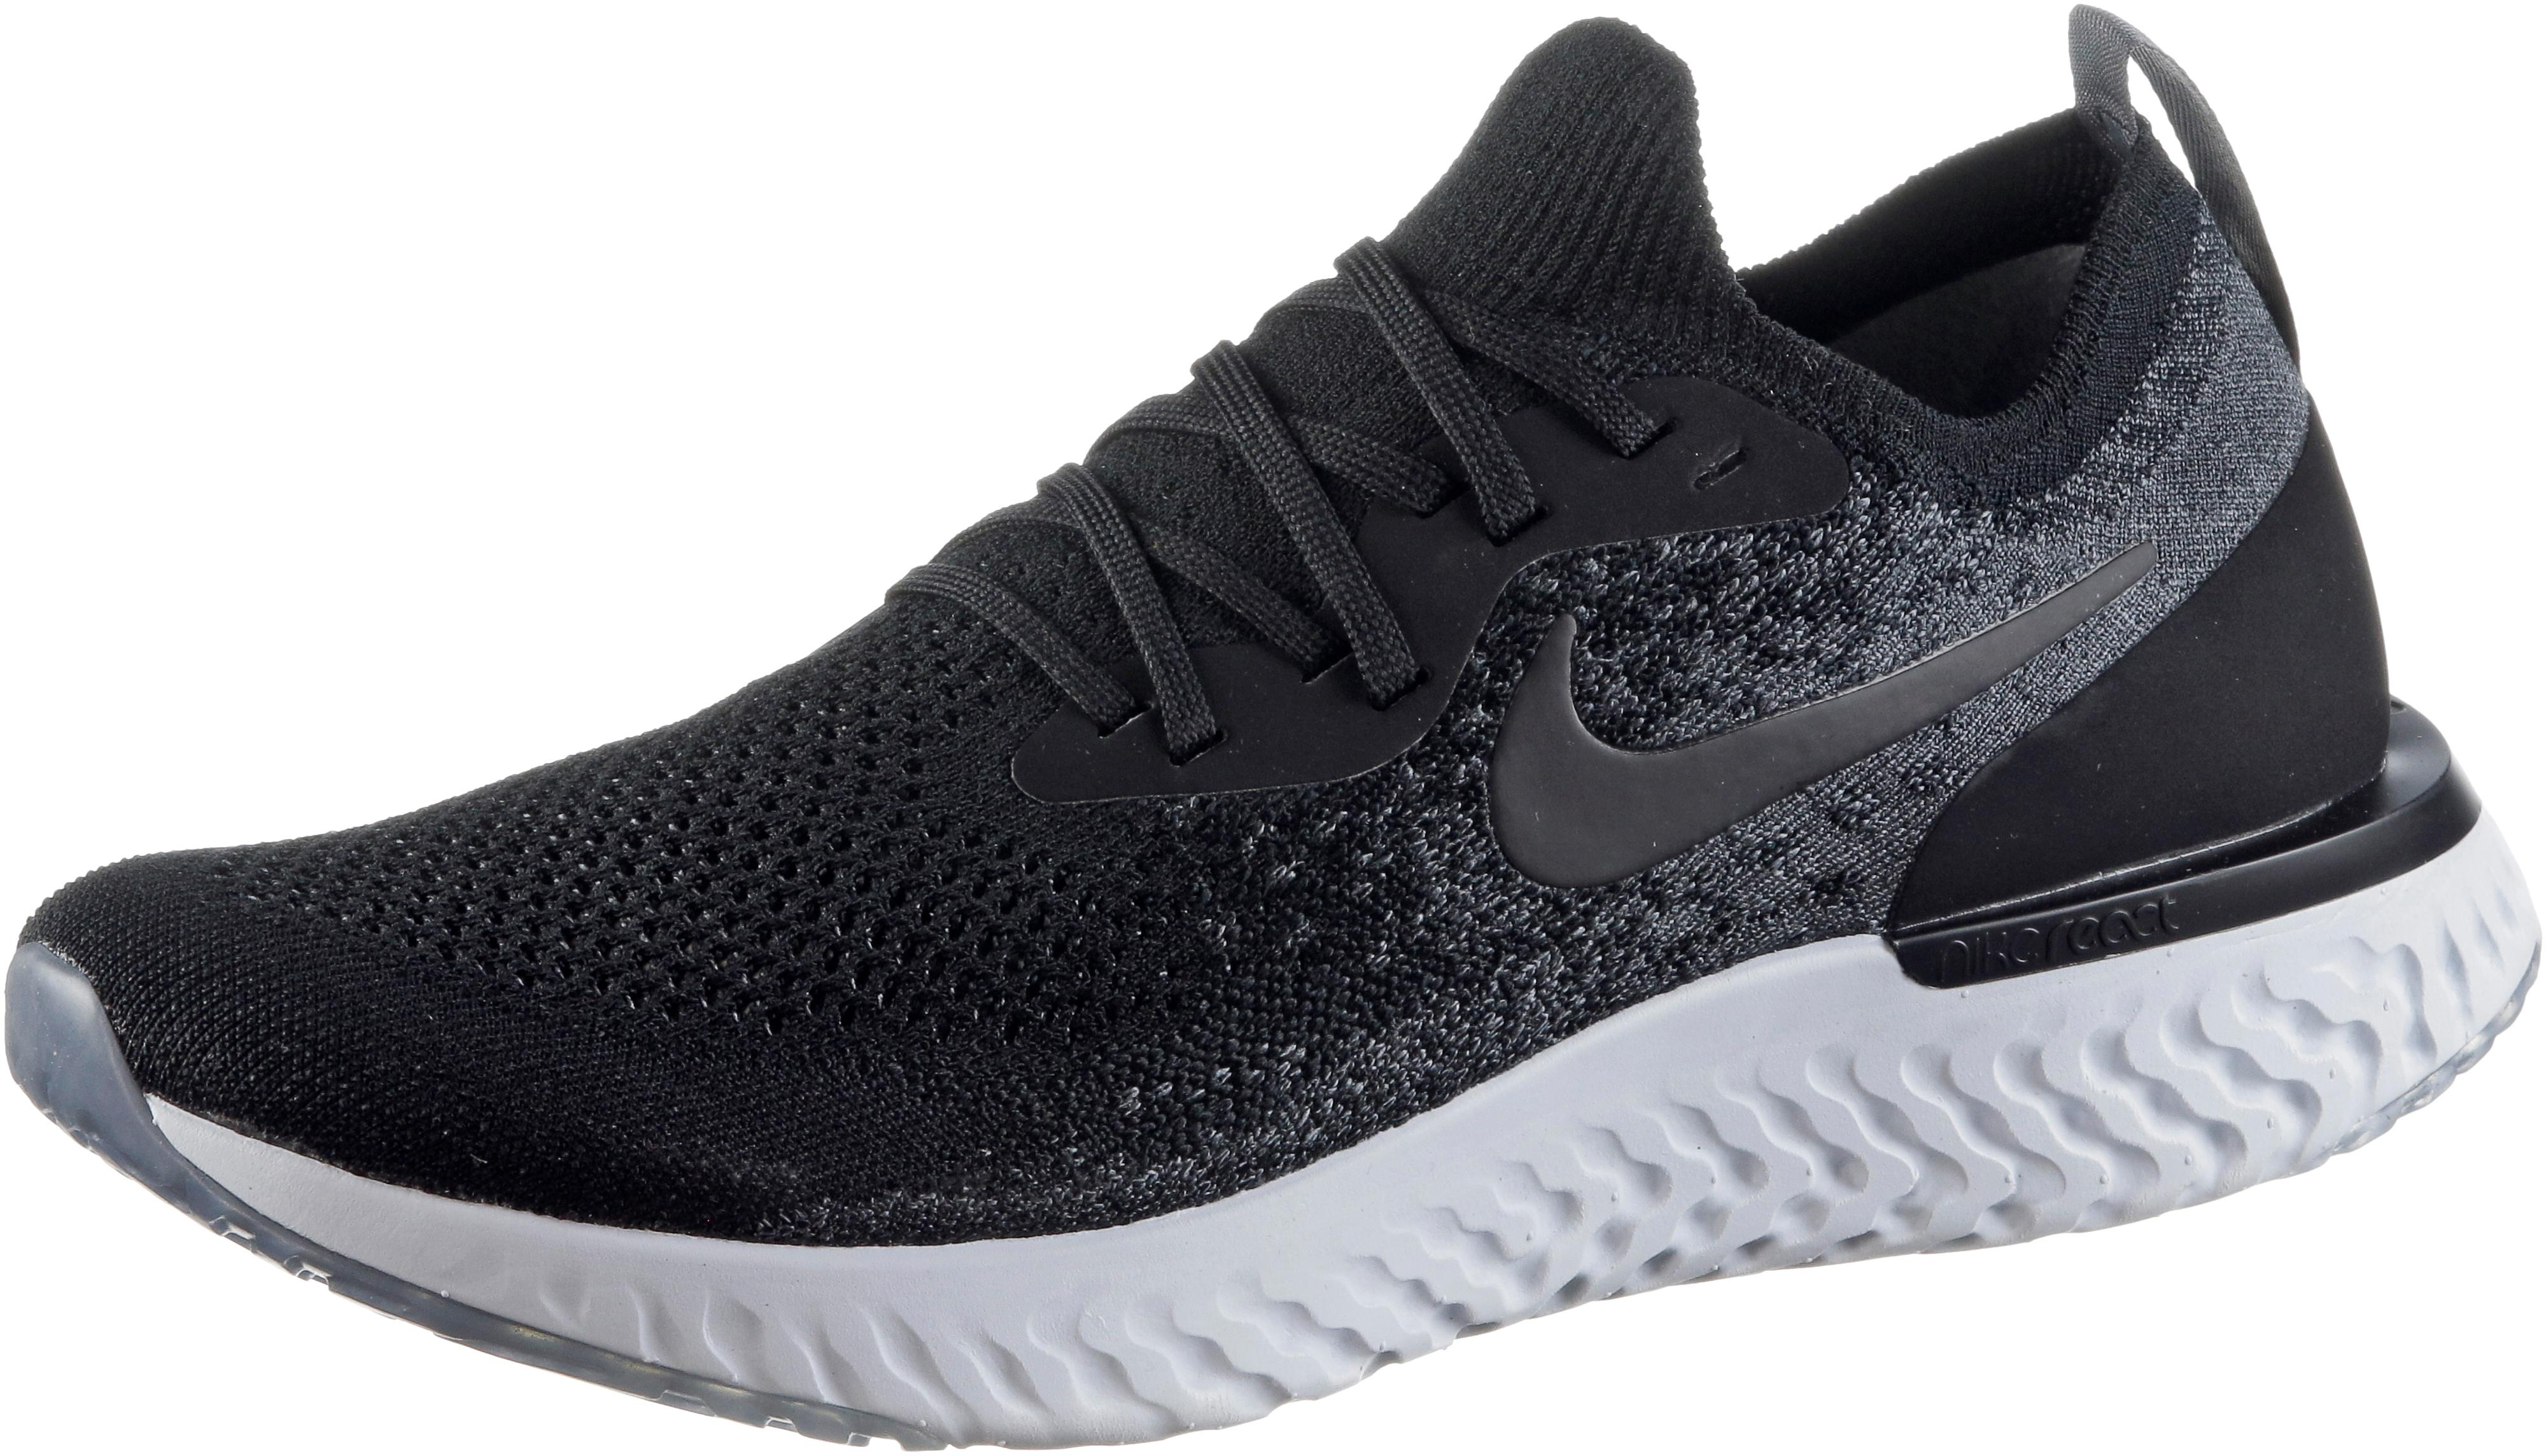 Nike EPIC REACT FLYKNIT Laufschuhe Herren black black dark grey pure platinum im Online Shop von SportScheck kaufen